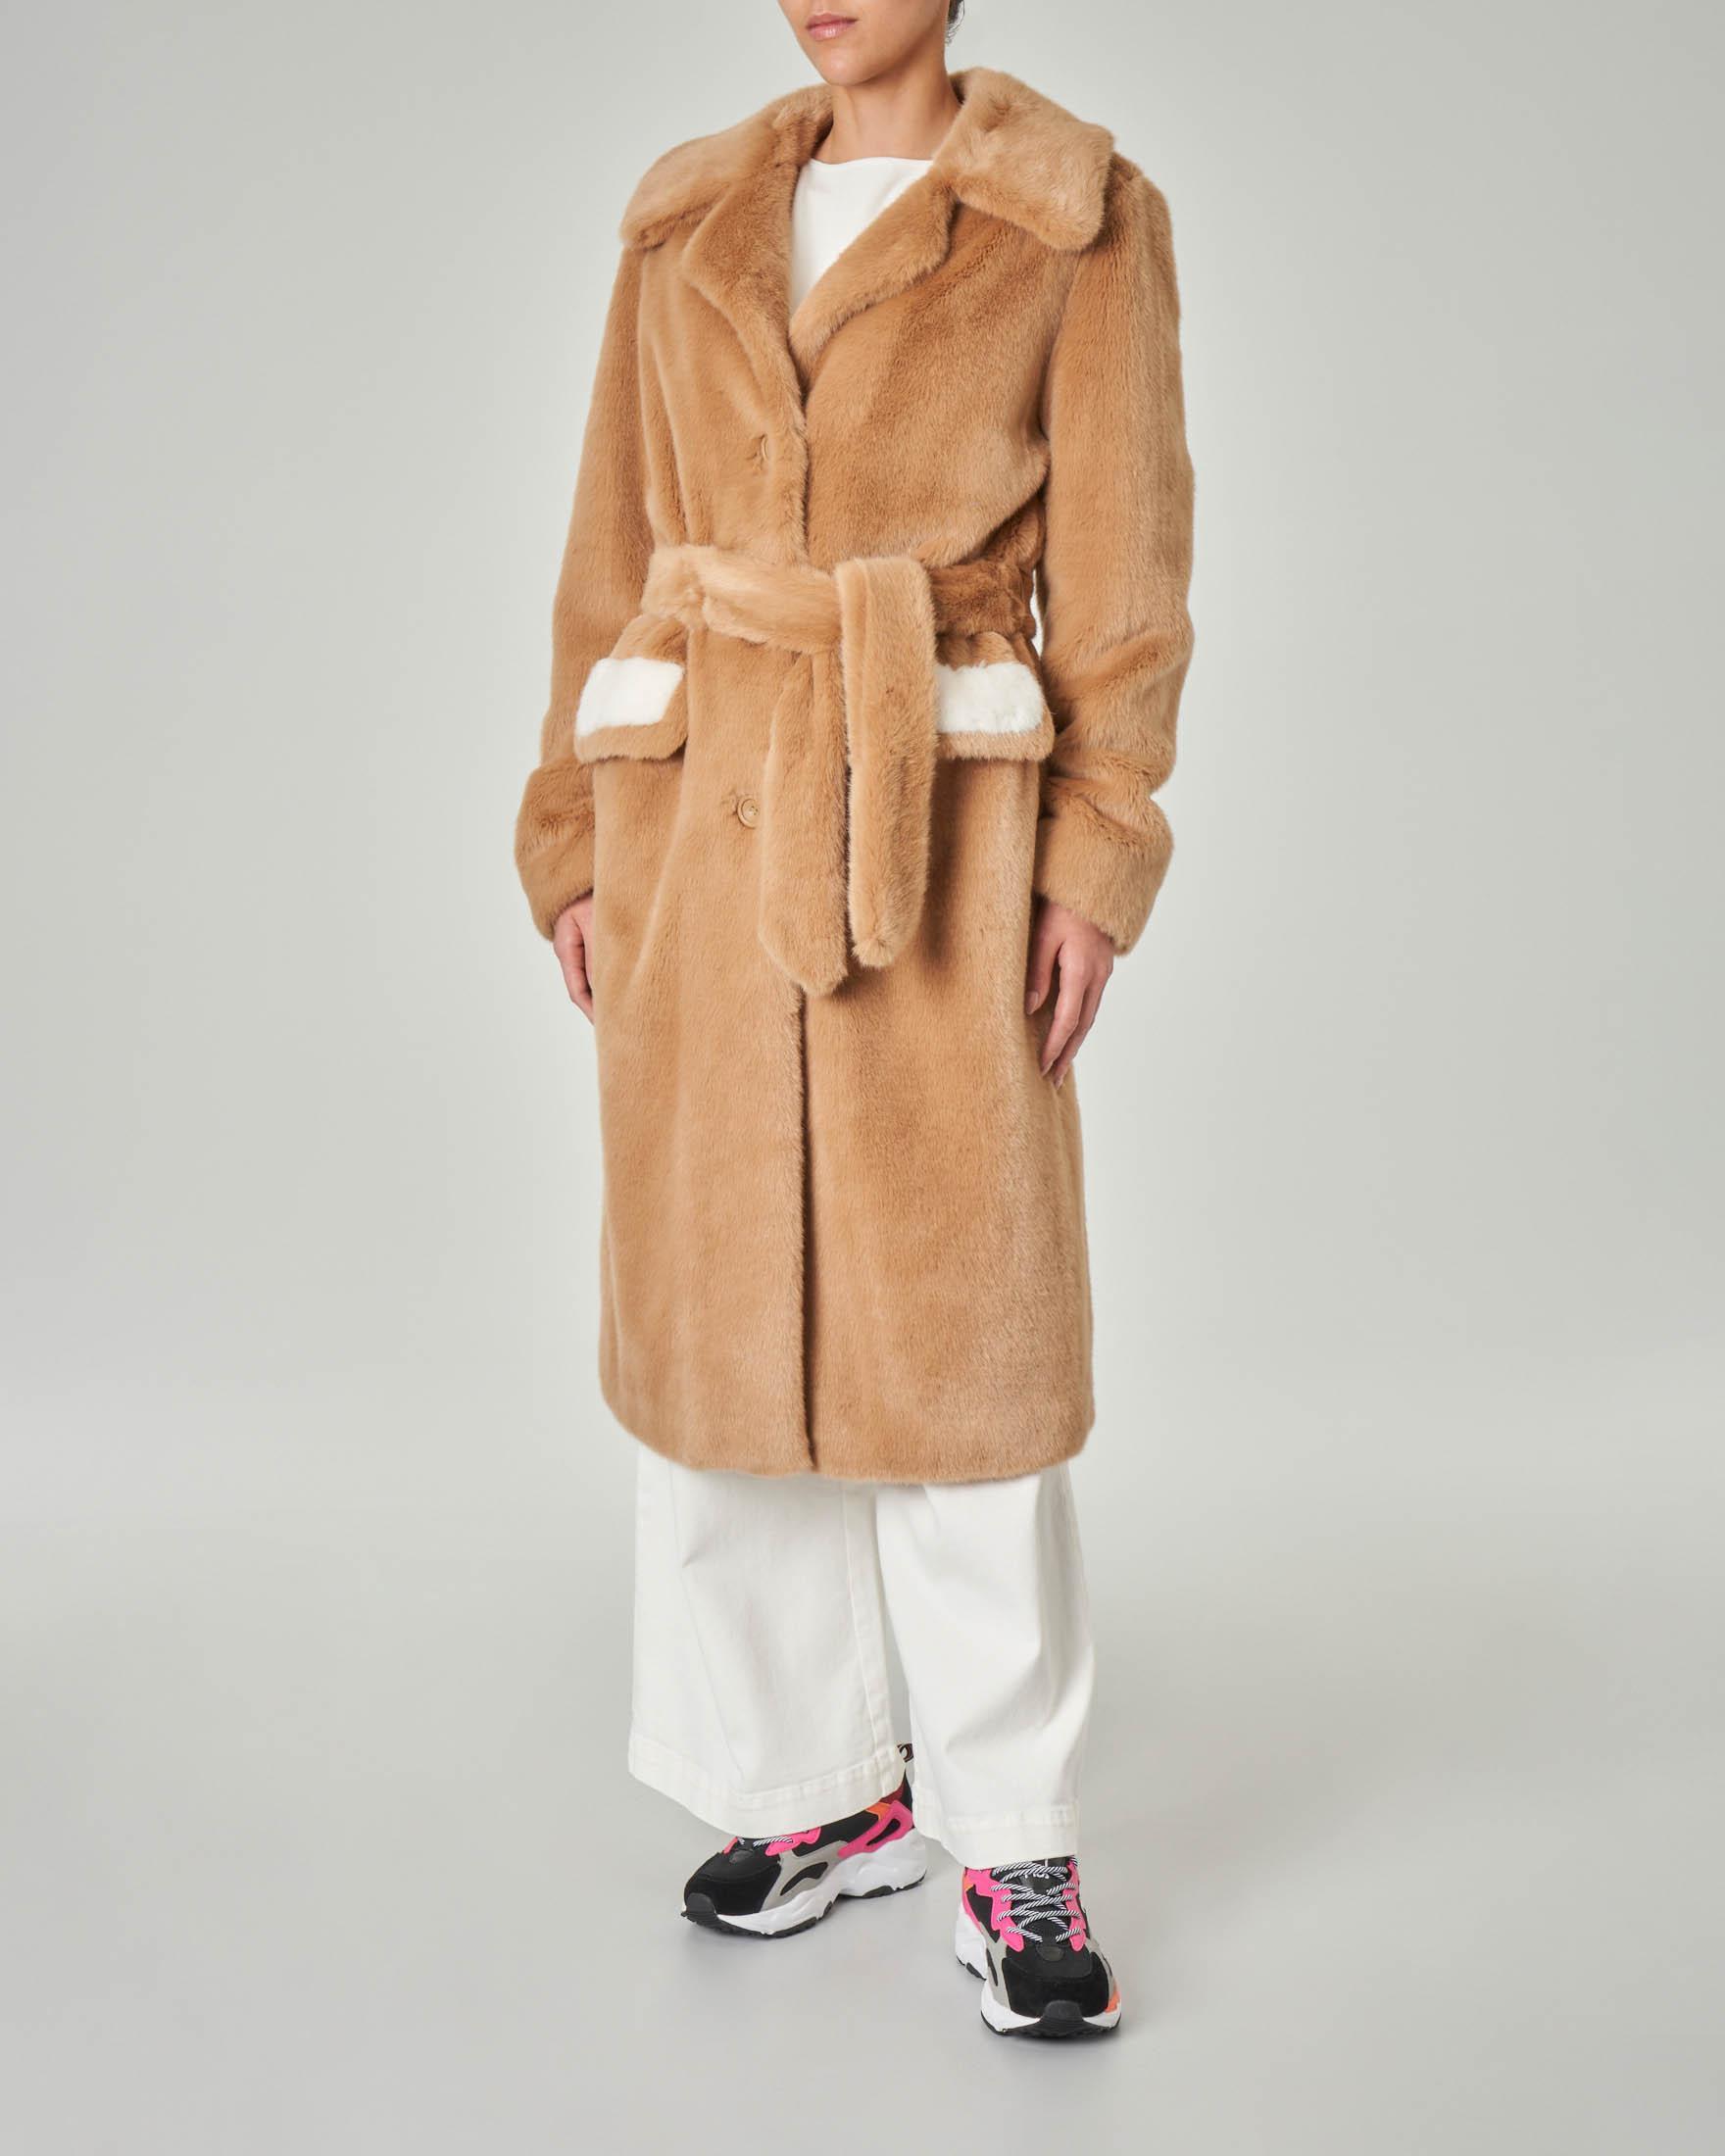 Cappotto a vestaglia color cammello in ecopelliccia effetto visone con dettagli a contrasto